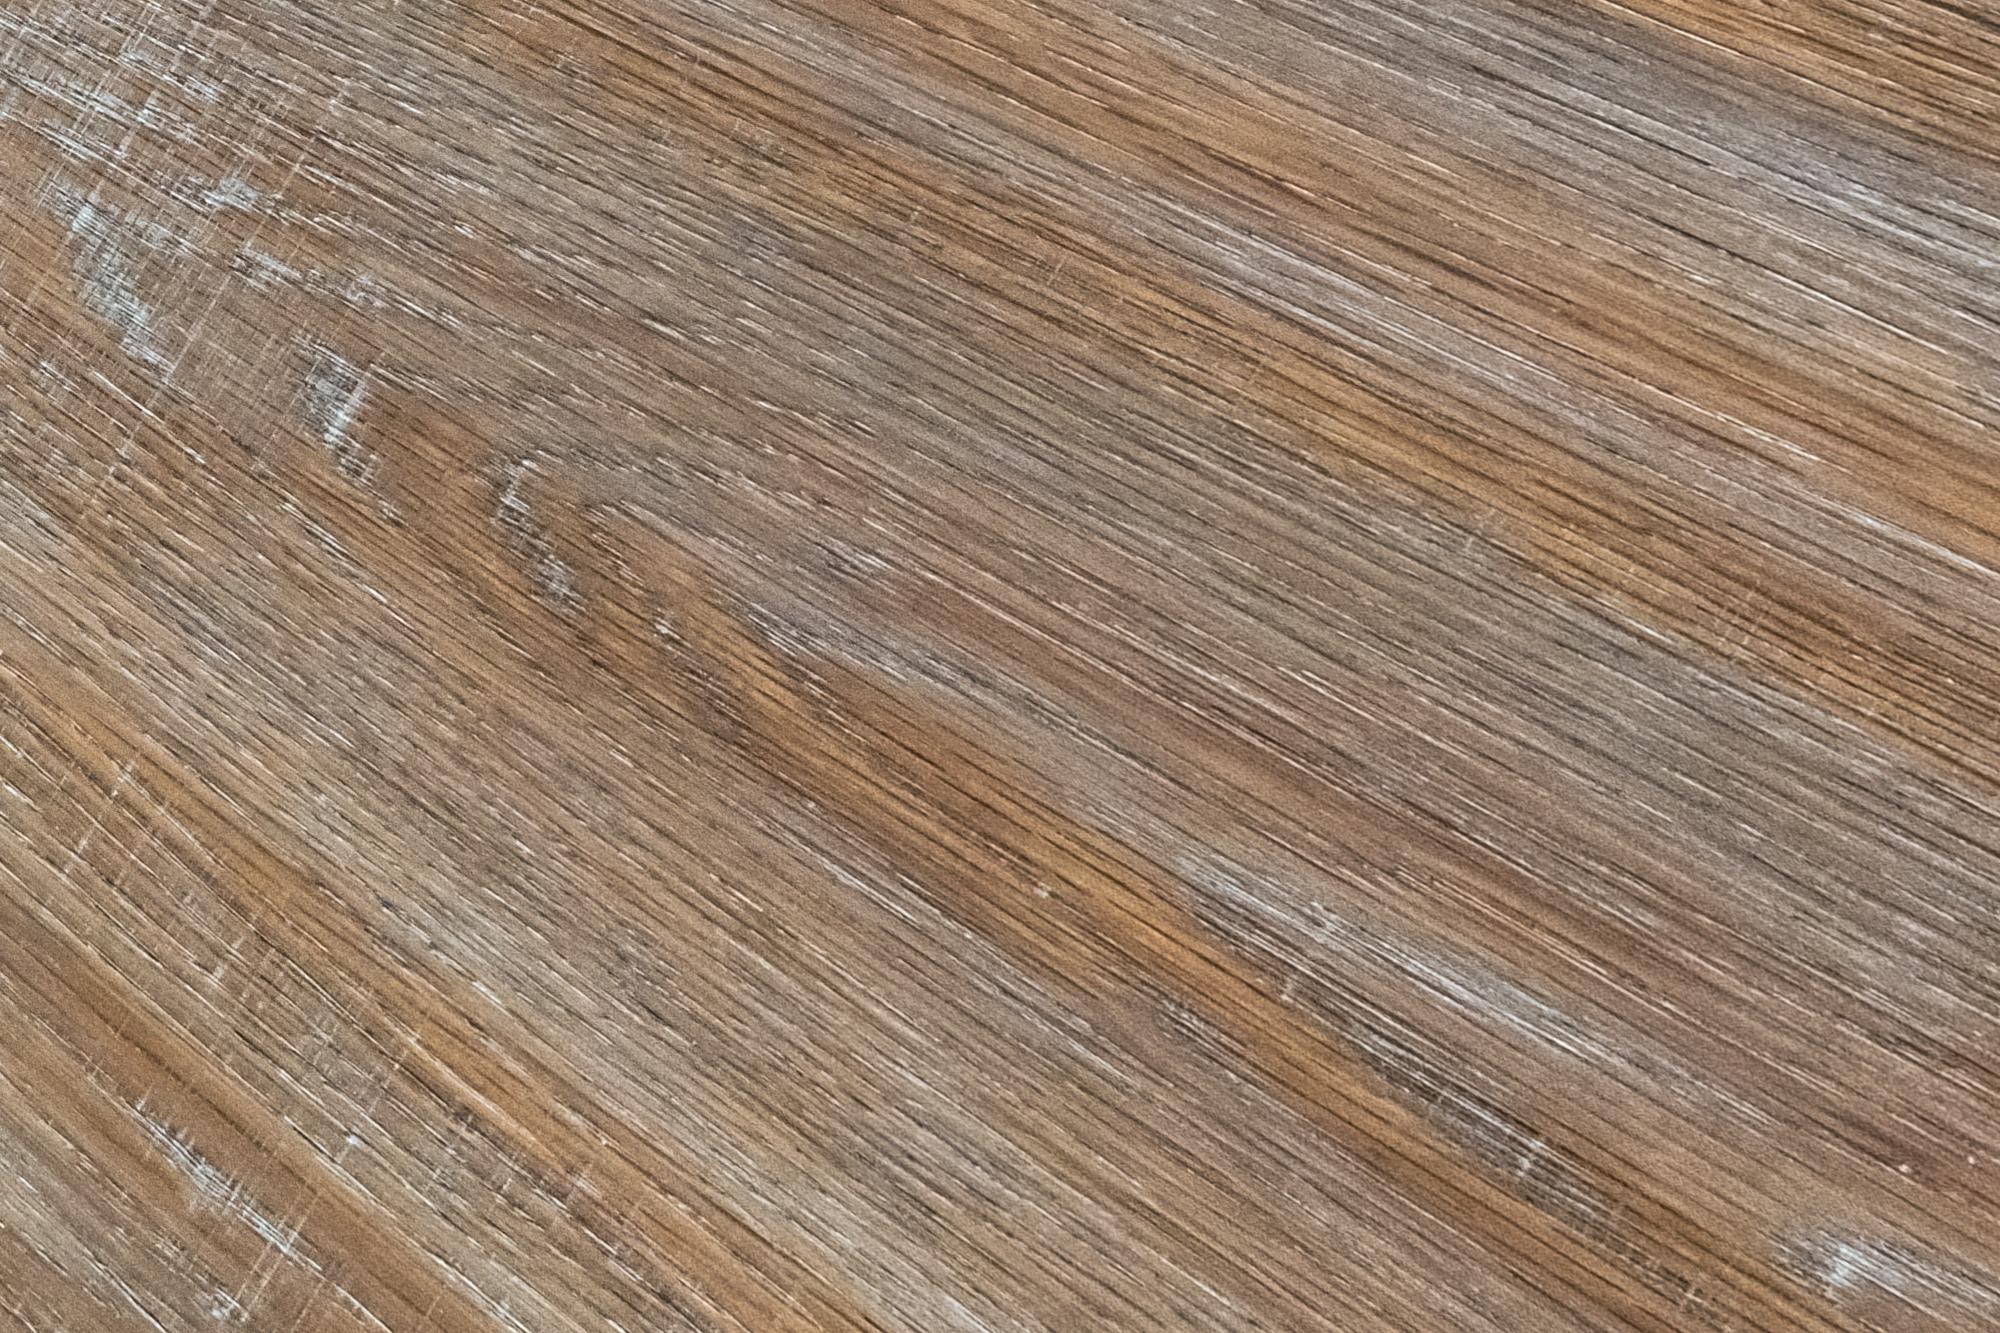 M2018 003BD